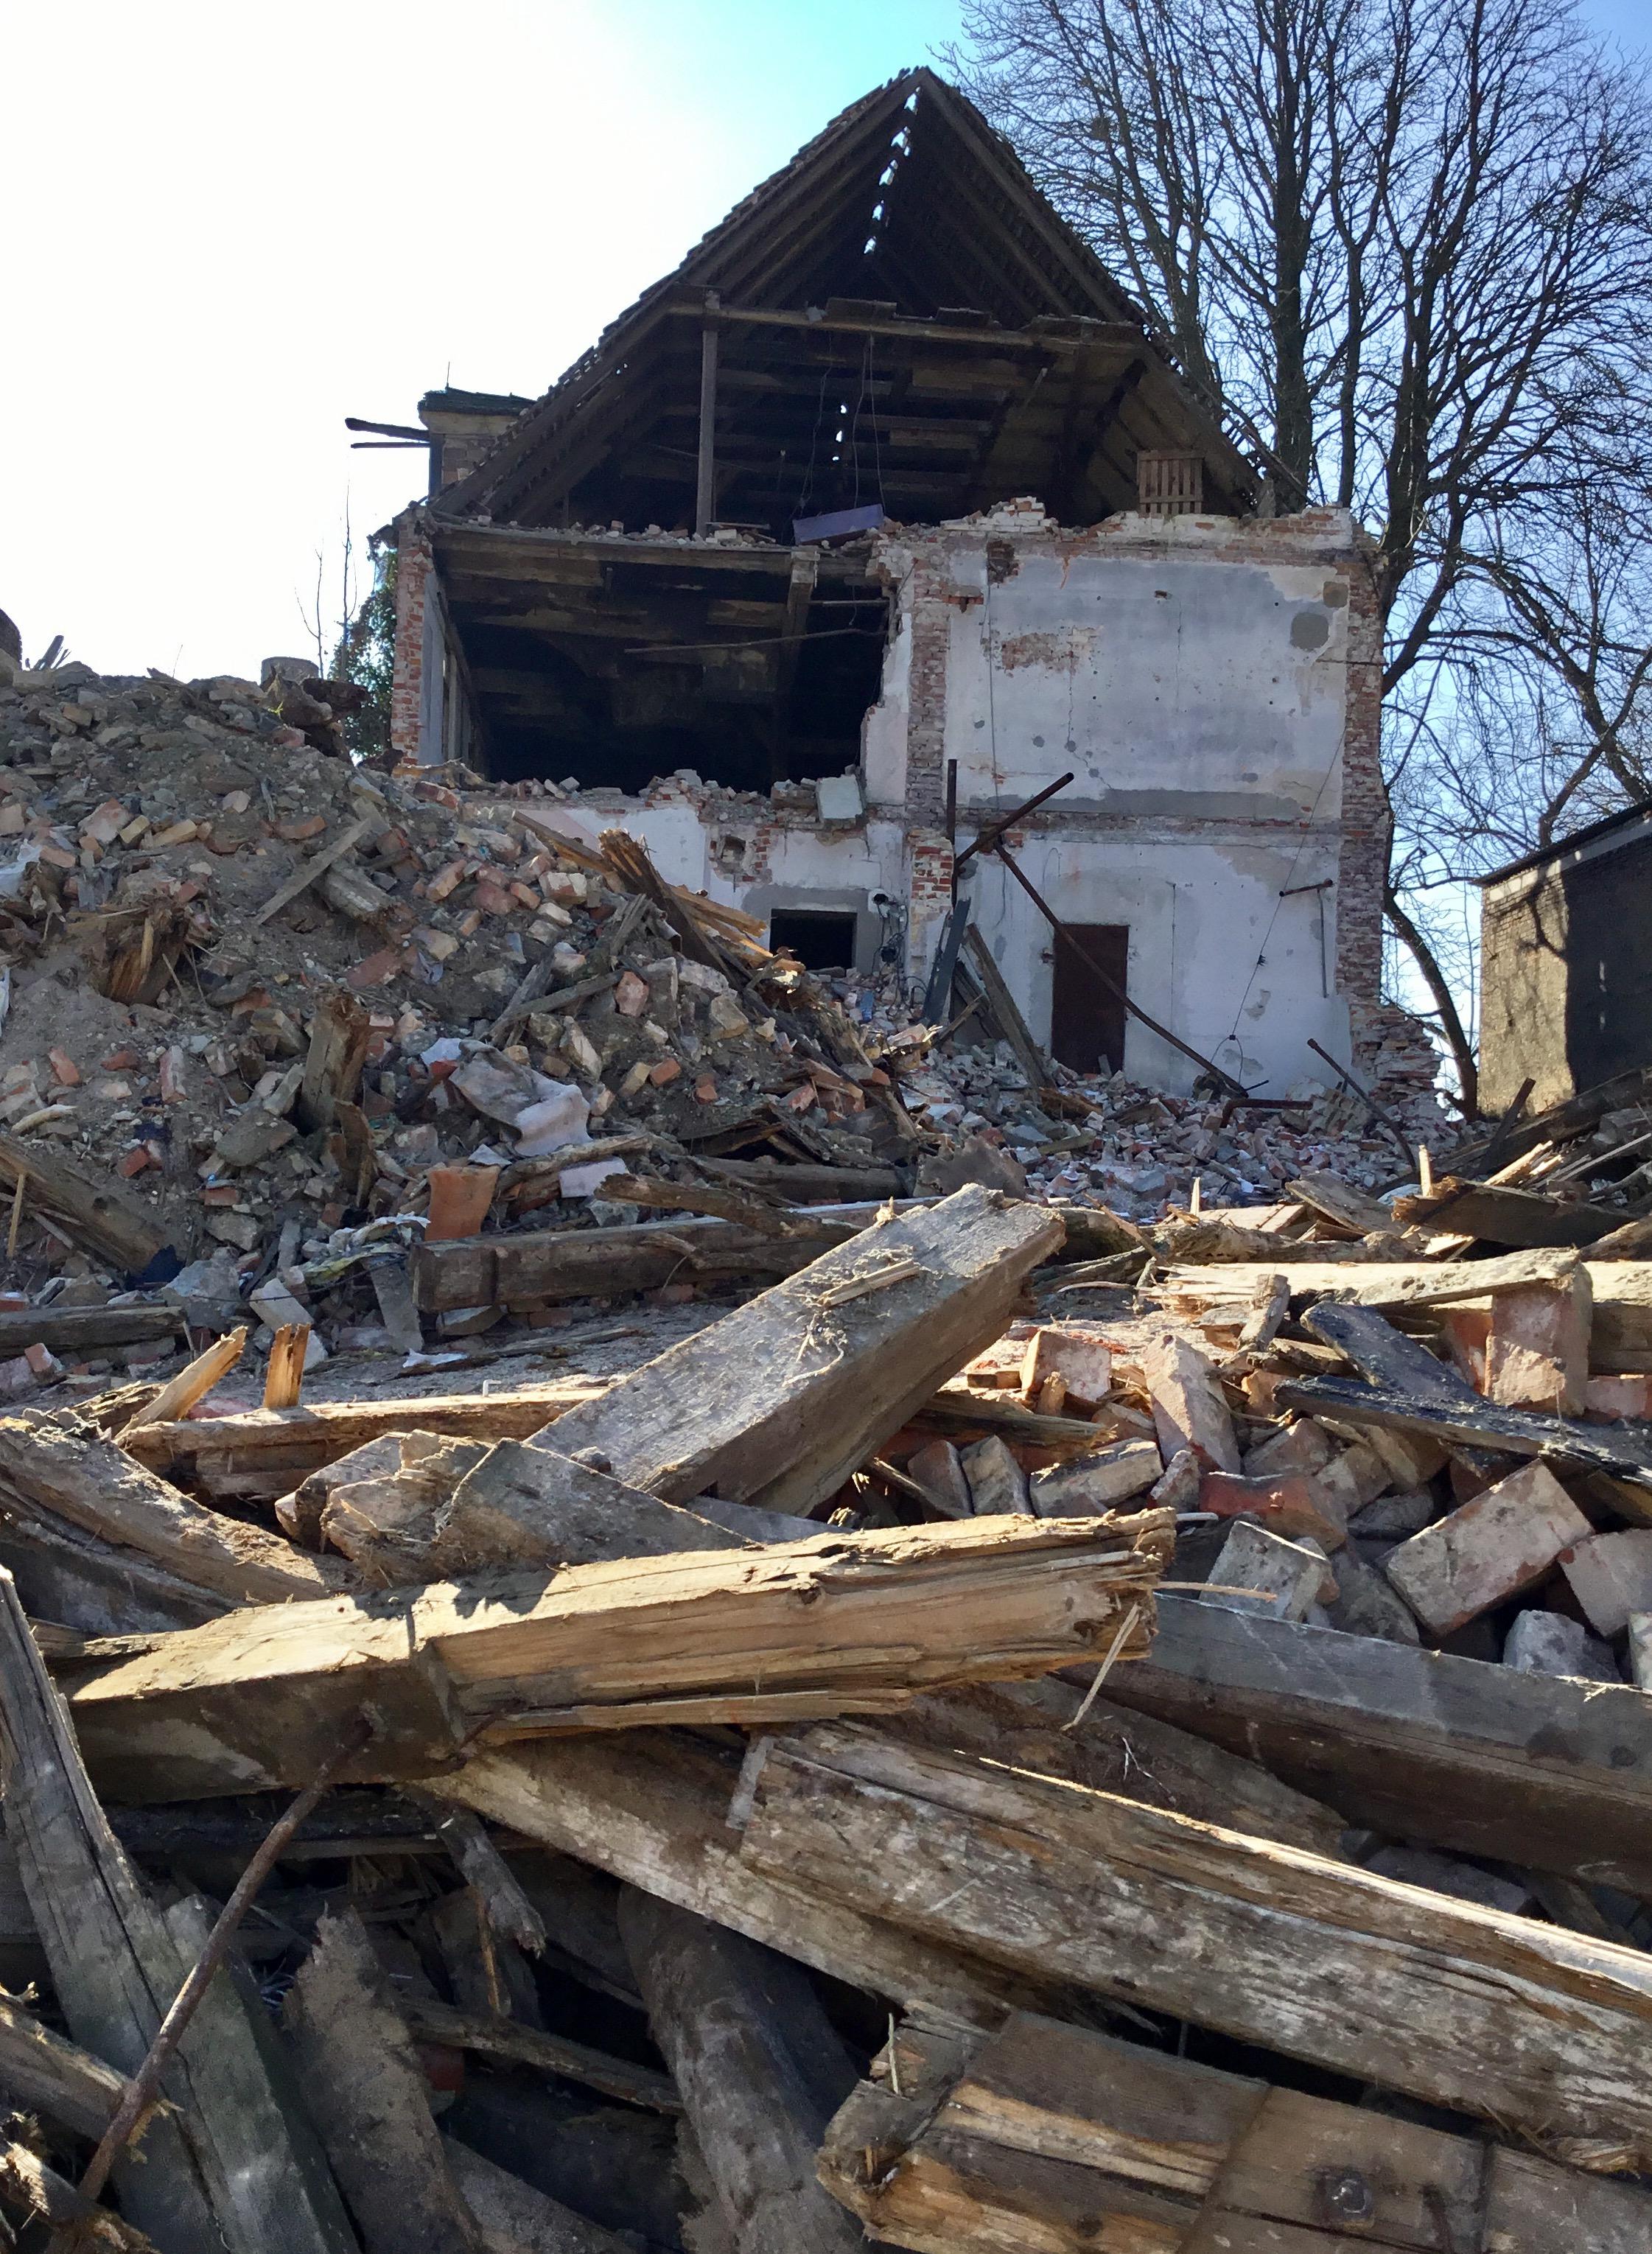 Blick auf den bereits abgerissenen einsturzgefährdeten Teil des ehemals genutzten Gebäudes